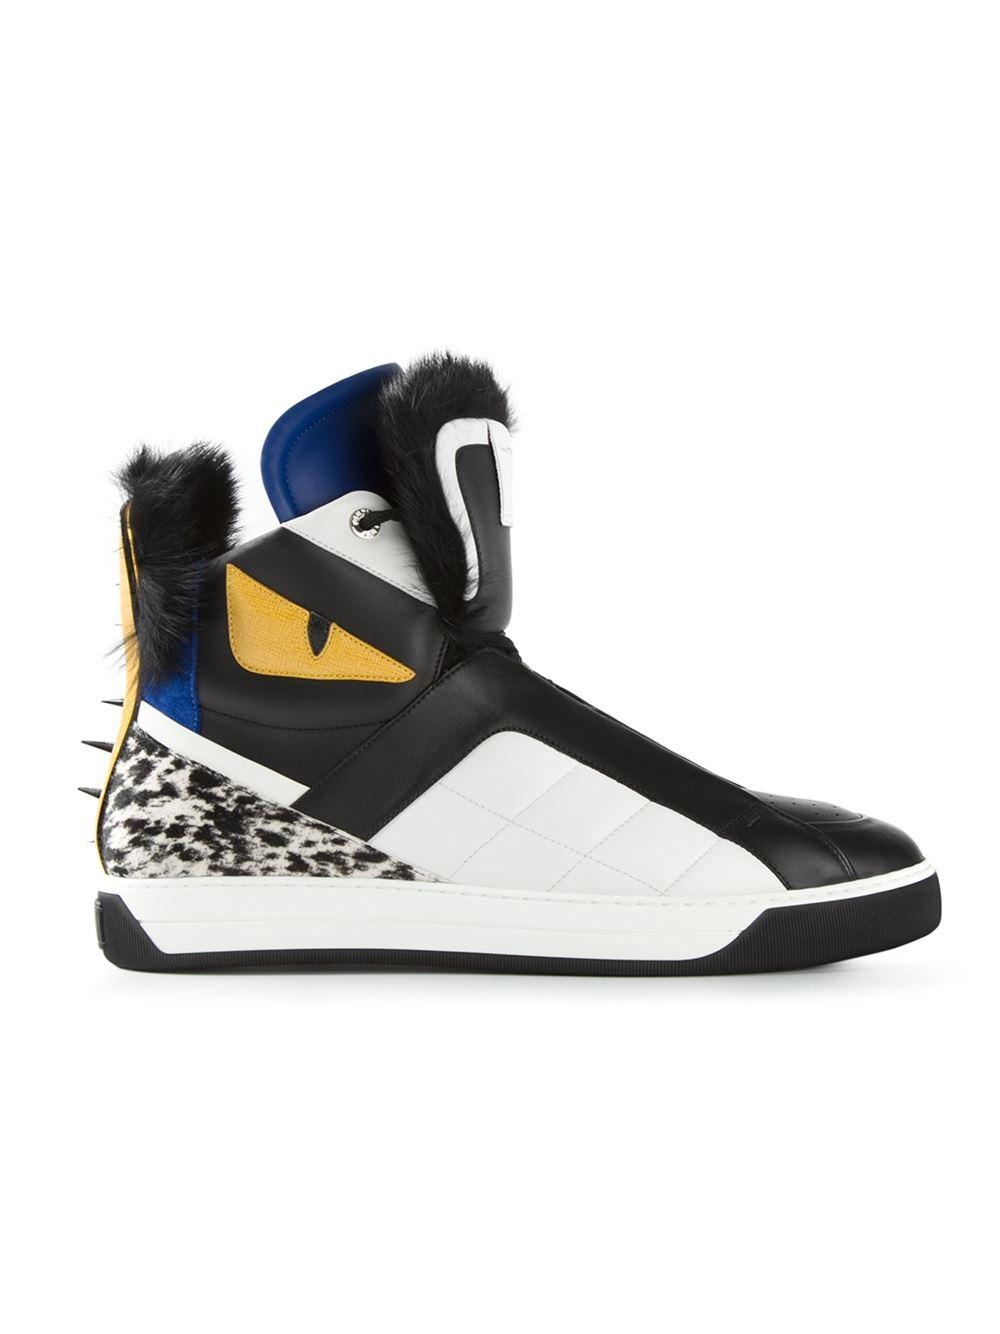 57ec16dca5ad Lyst - Fendi  bag Bugs  Hi-top Sneakers in Black for Men